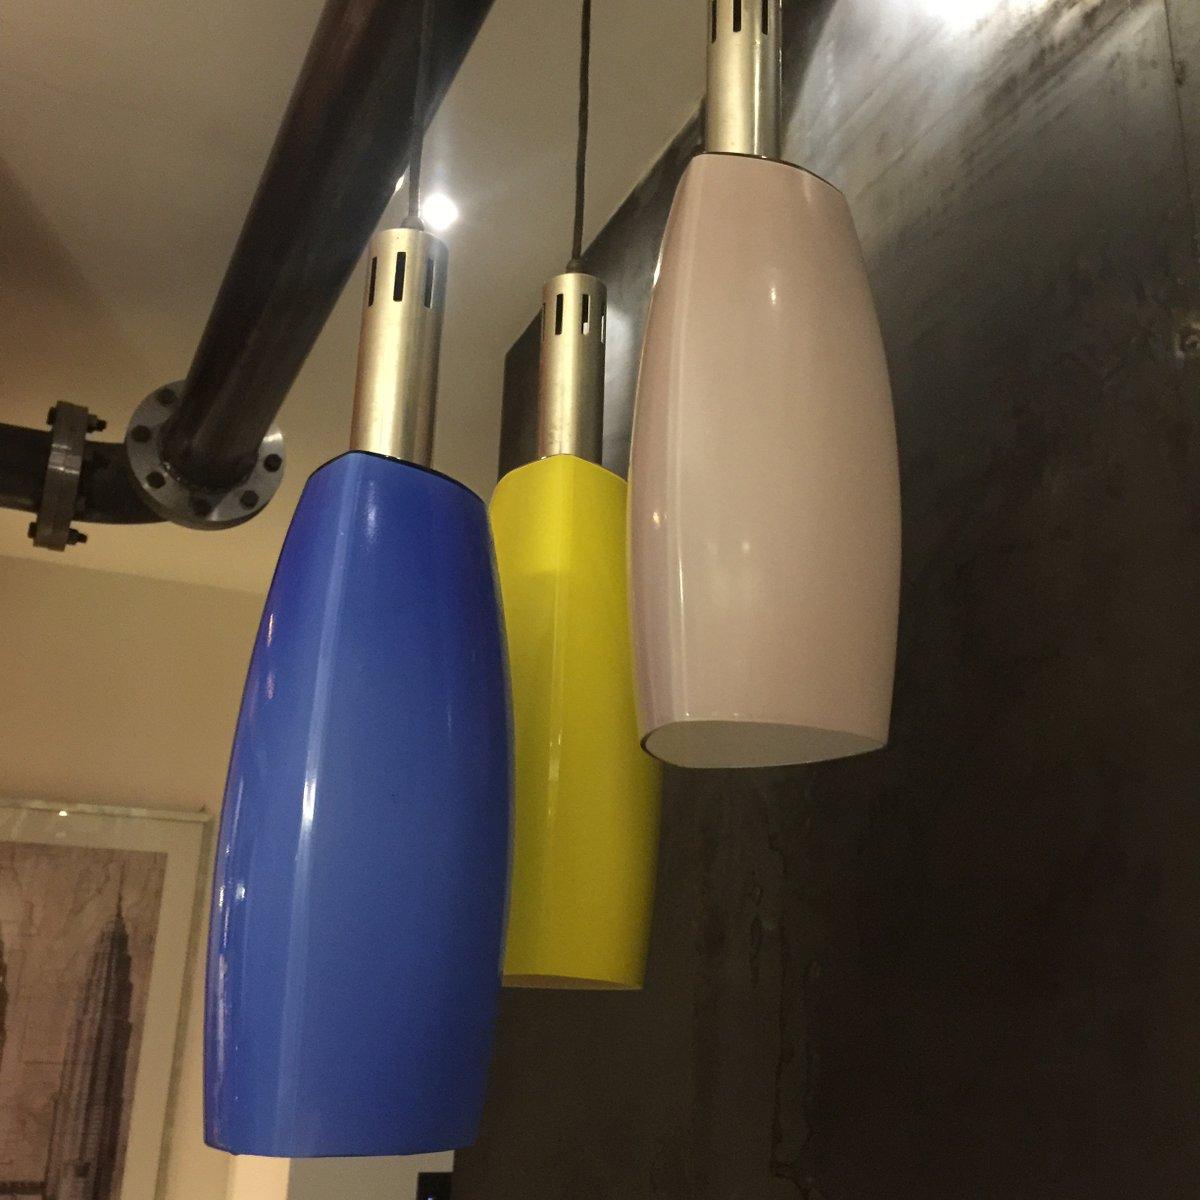 Lampada a sospensione in vetro colorato di Stilnovo, anni '50 in vendita su Pamono